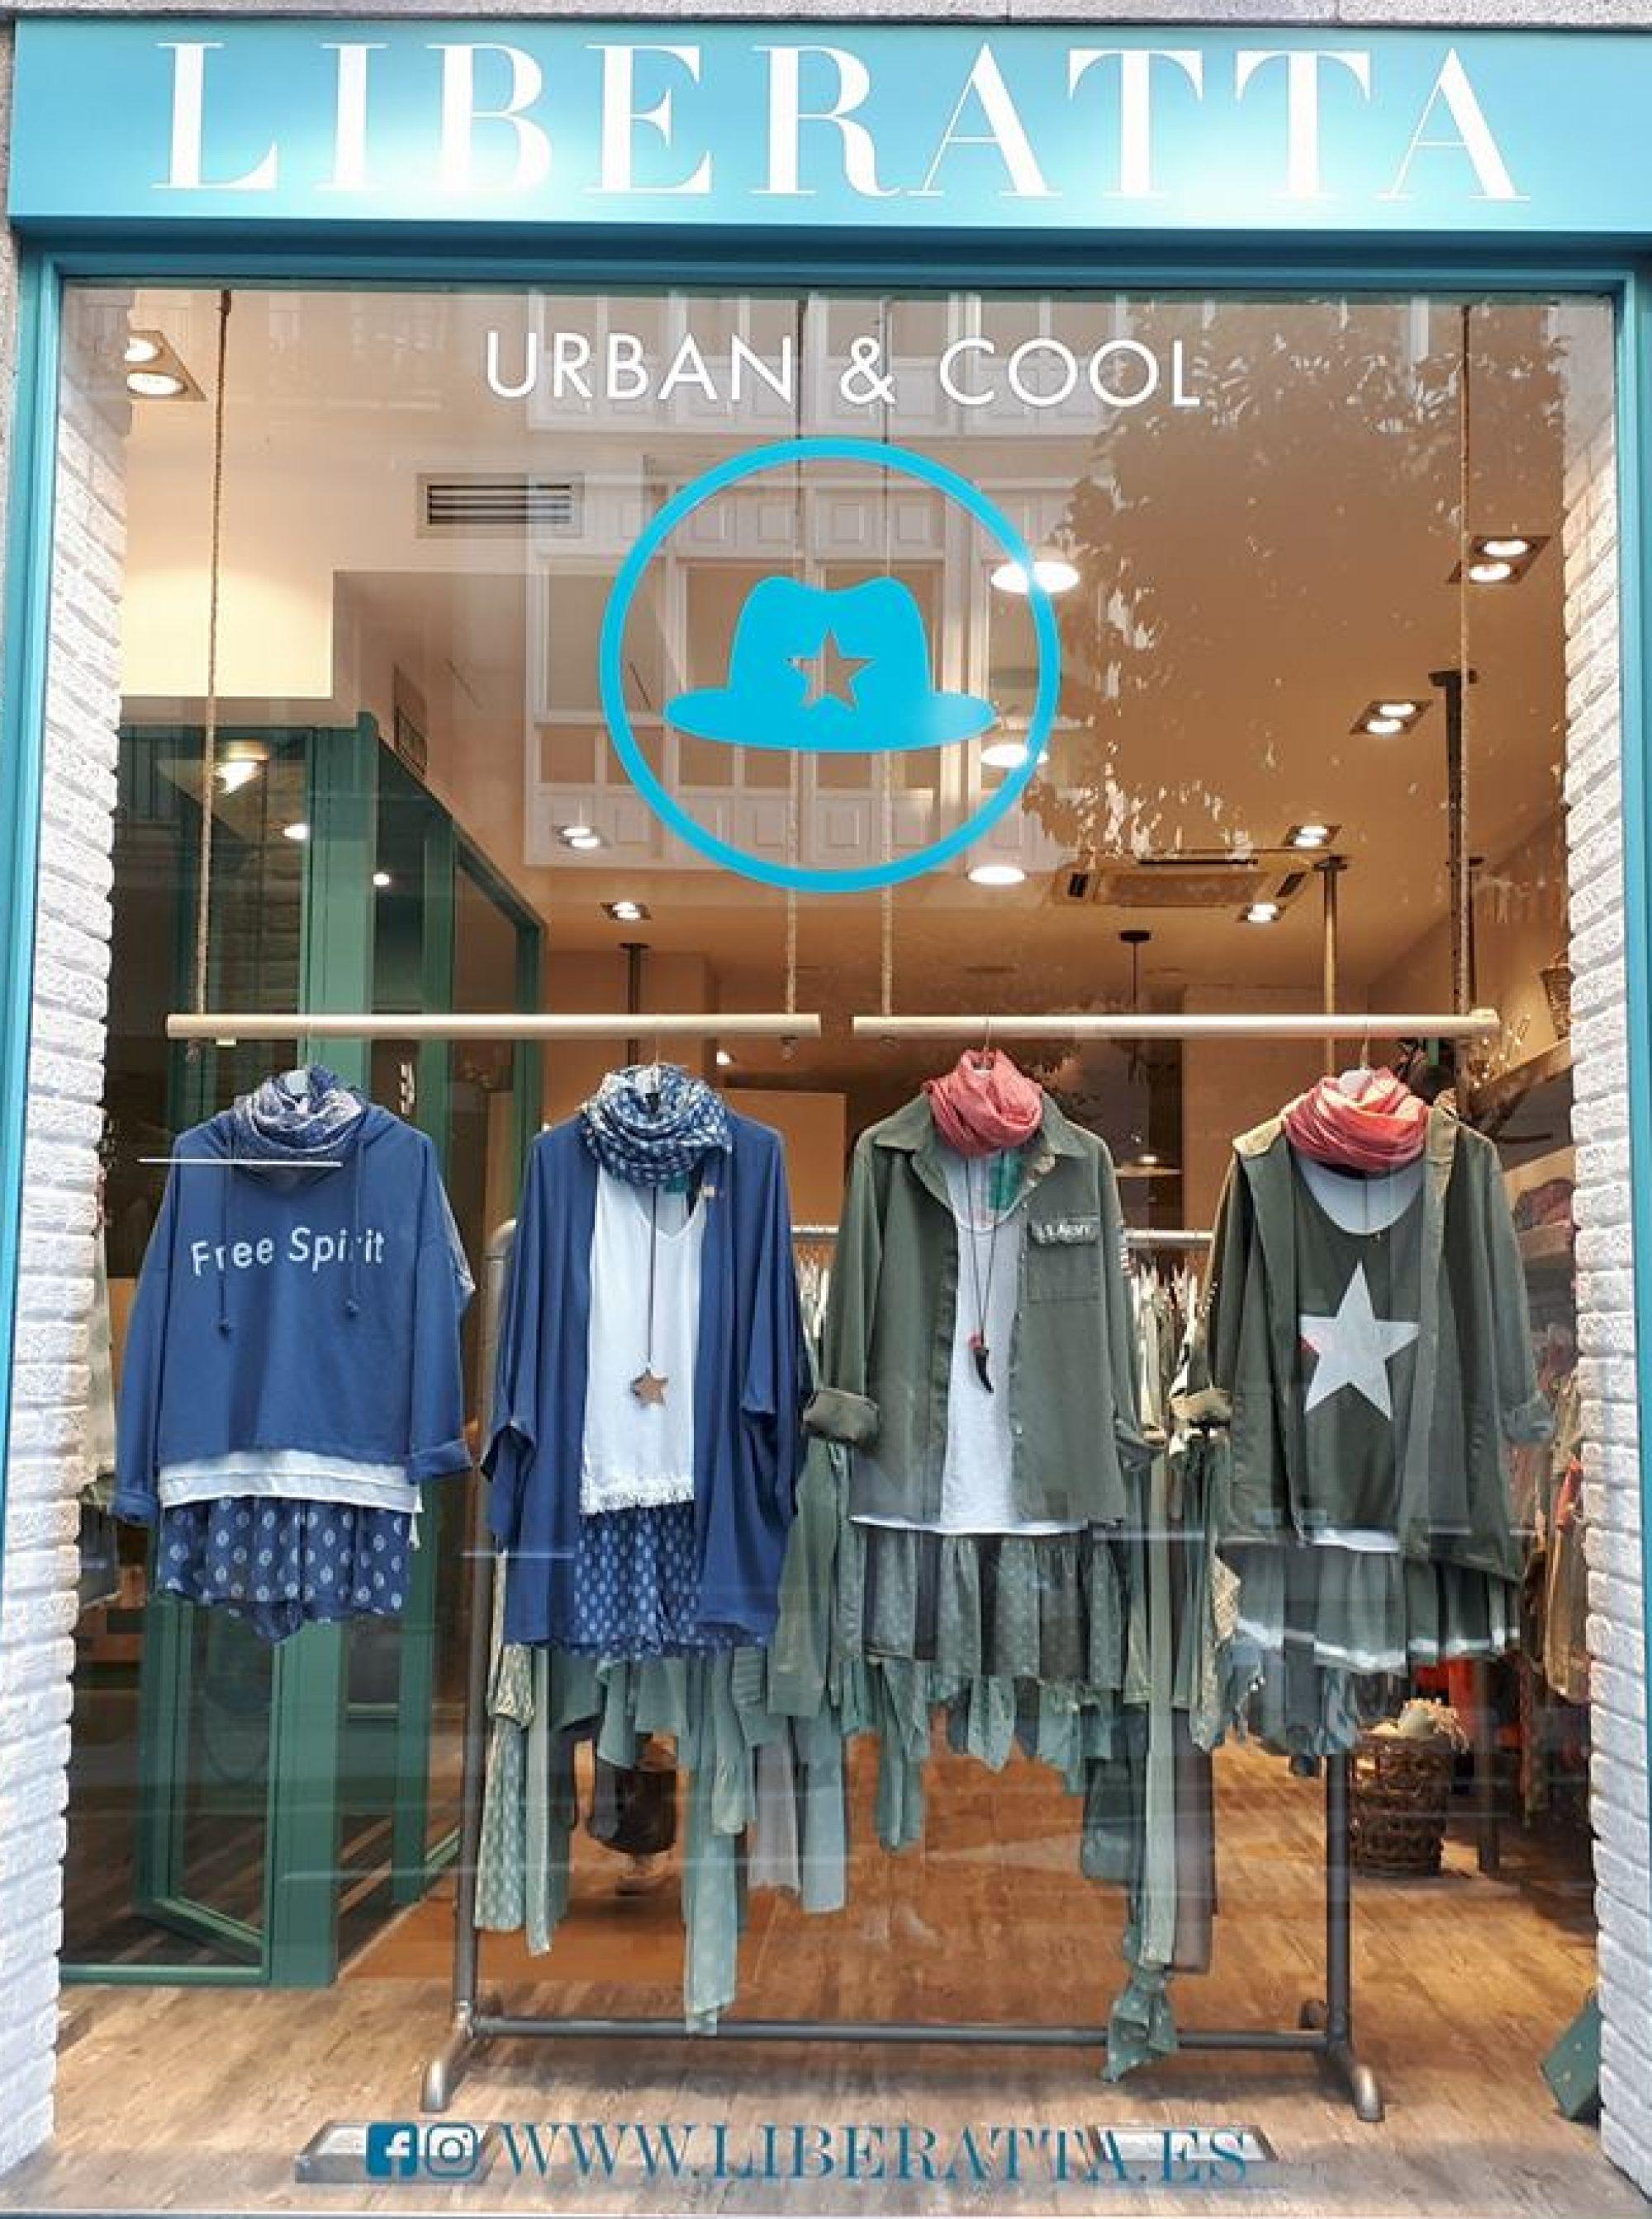 Liberatta shop - Tu tienda y marca de ropa